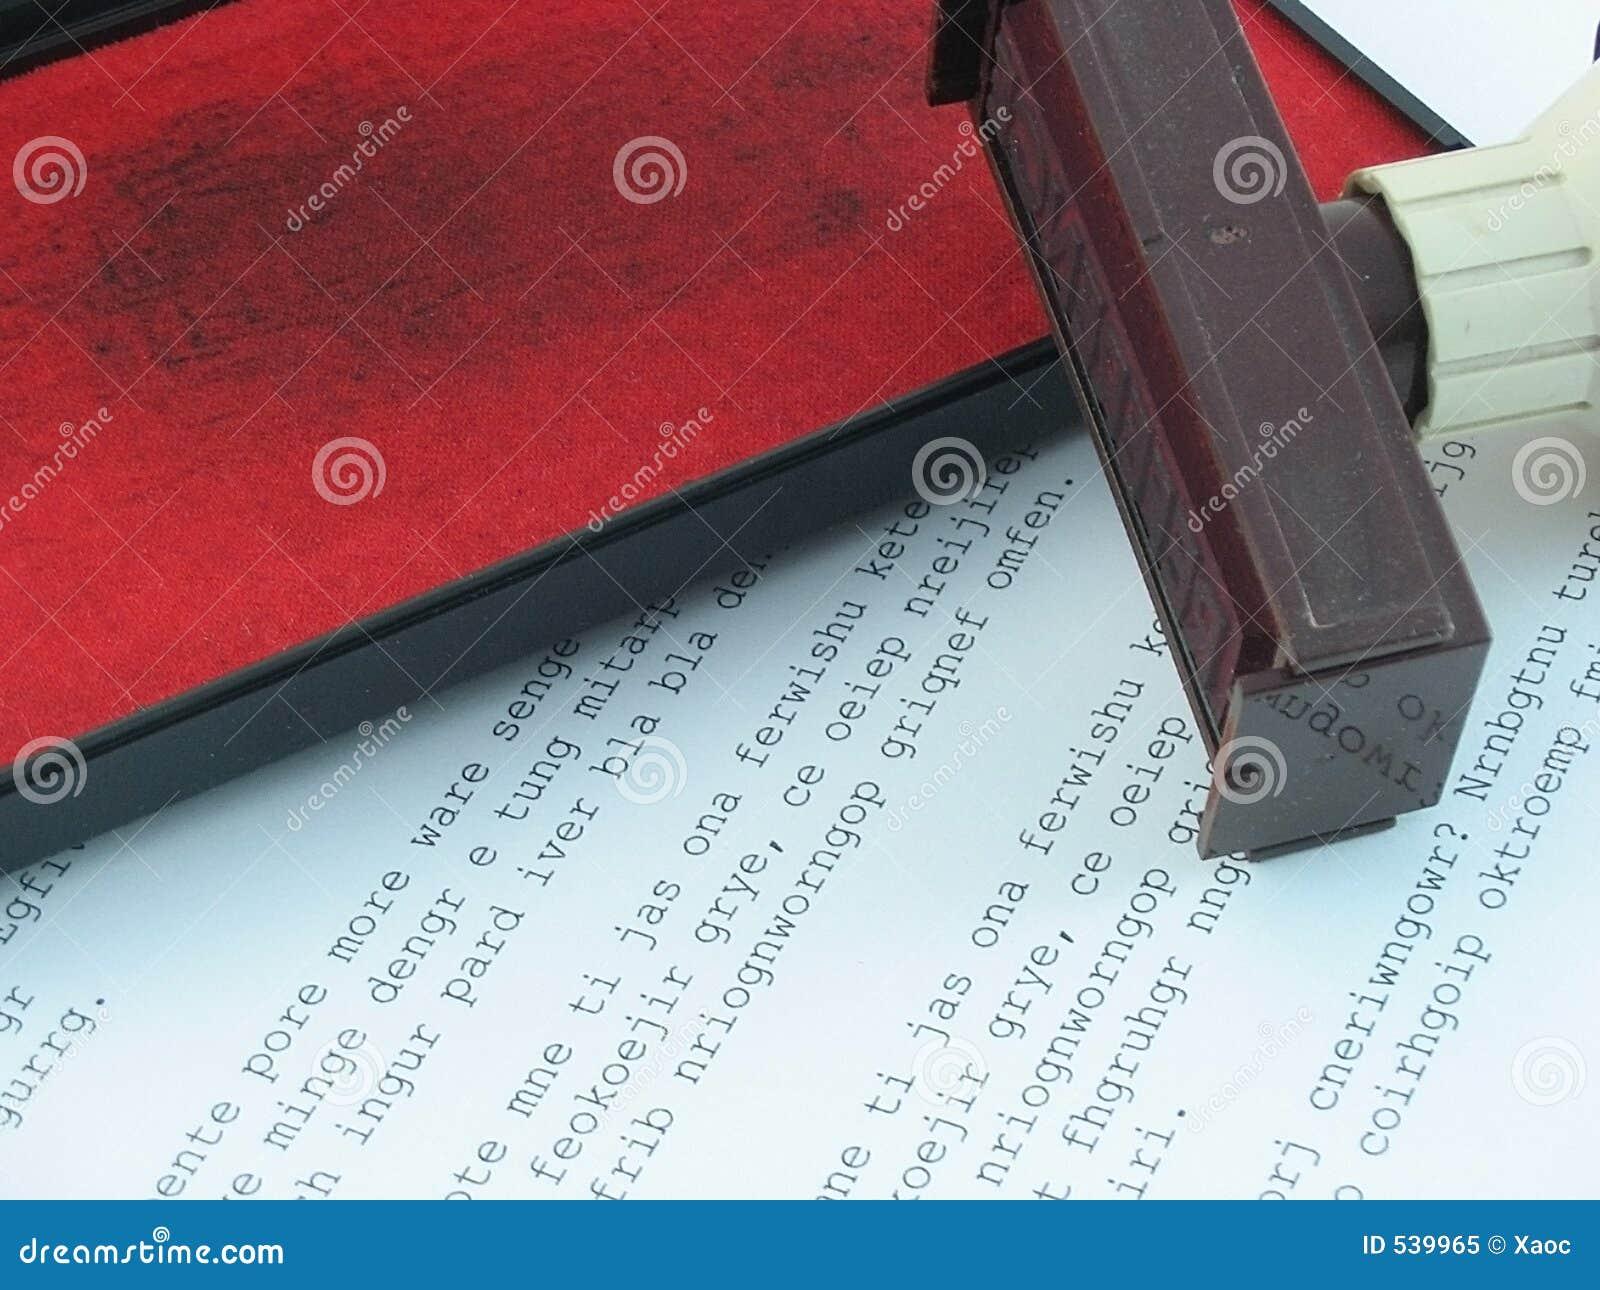 Download 填充印花税 库存图片. 图片 包括有 红色, 背包, 收货, 需要, 服务台, 每天, 重要, 办公室, 公证员 - 539965